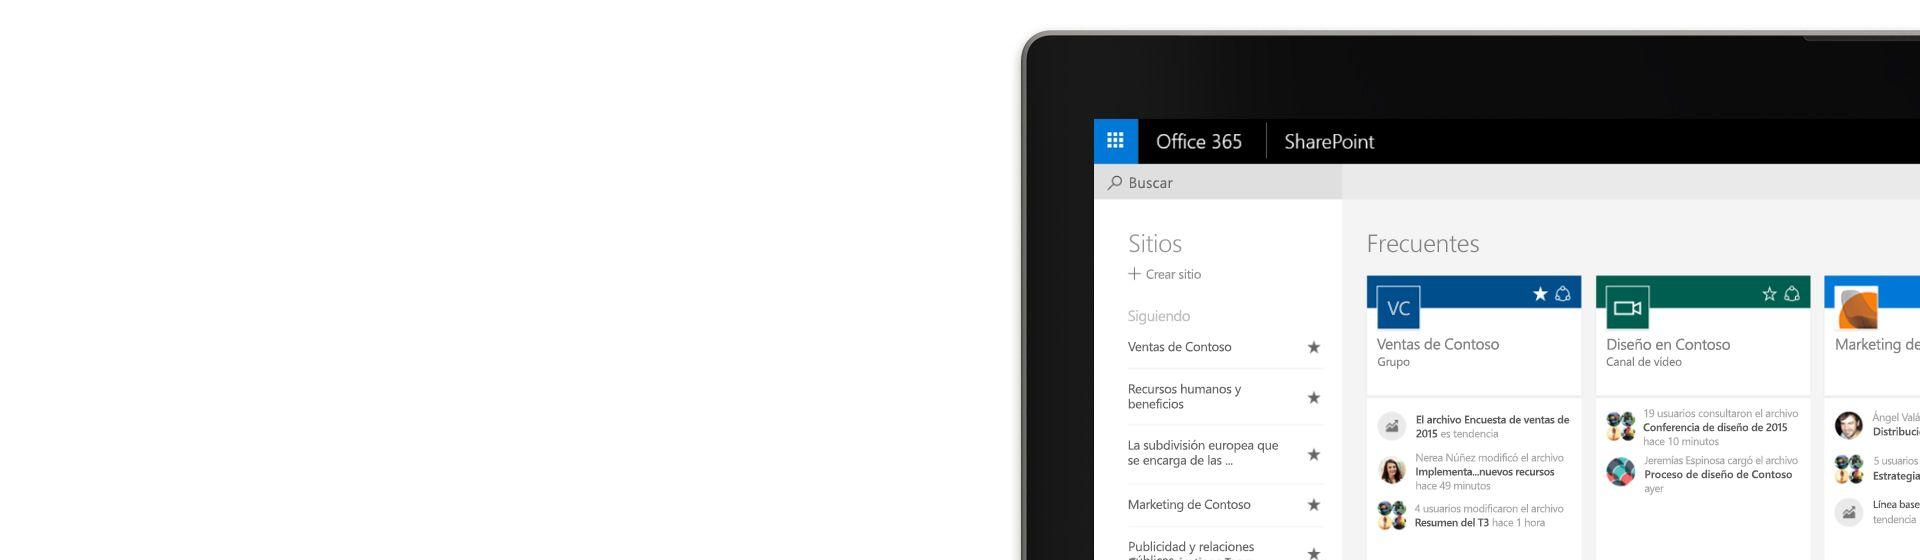 Esquina de la pantalla de un equipo donde se muestra una lista de sitios de grupo en SharePoint